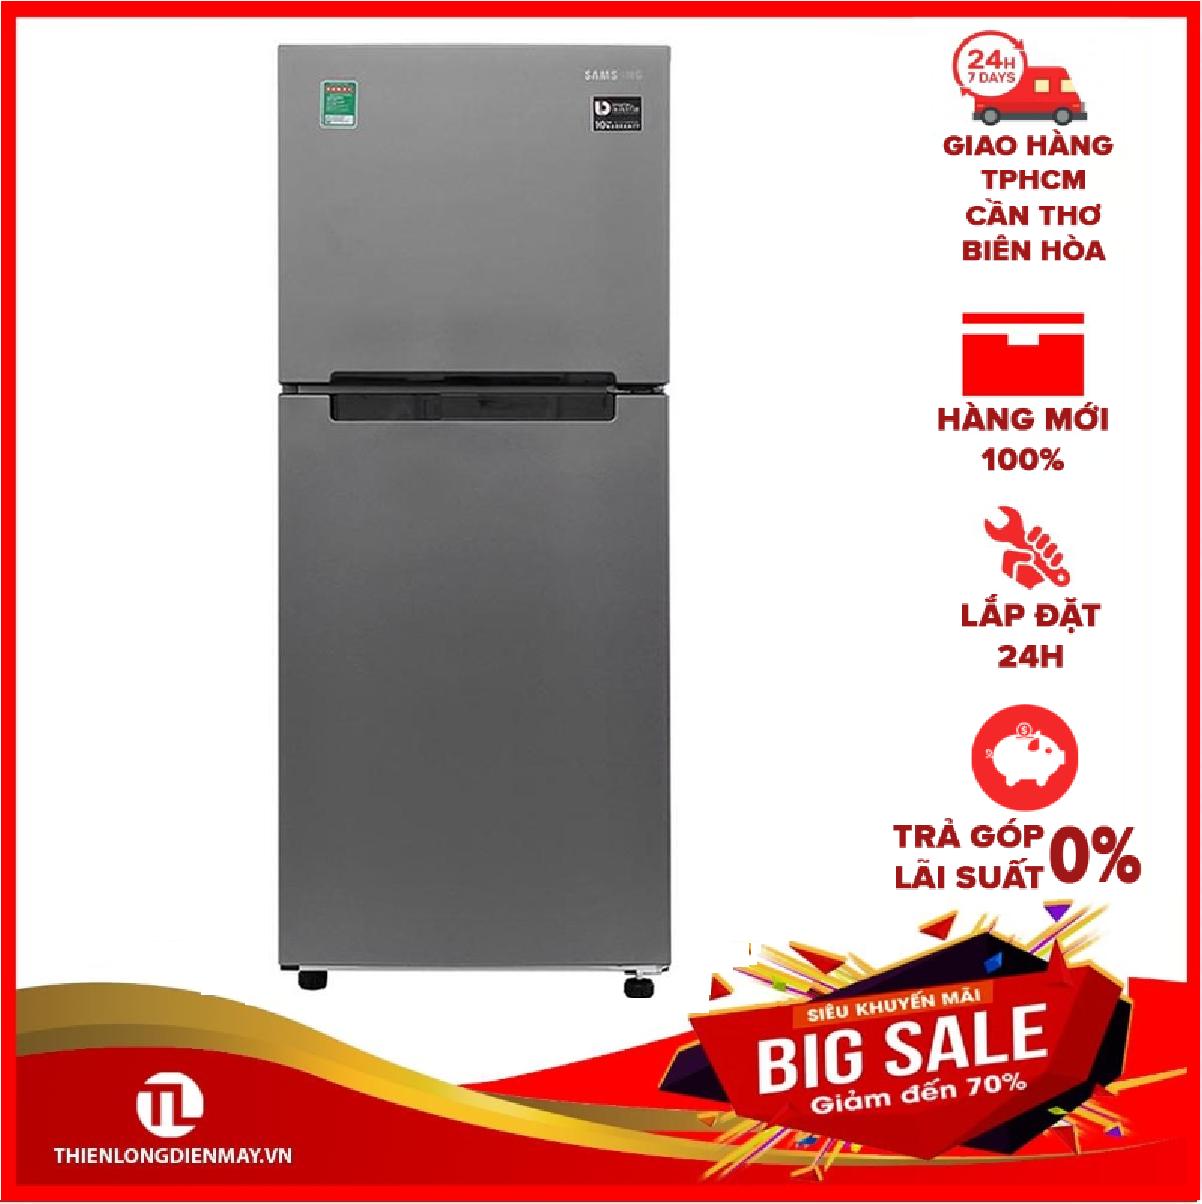 TRẢ GÓP 0% – Tủ lạnh Samsung Inverter 208 lít RT19M300BGS/SV Công nghệ Deodorizer kháng khuẩn khử mùi làm lạnh hiệu quả với luồng khí lạnh đa chiều.